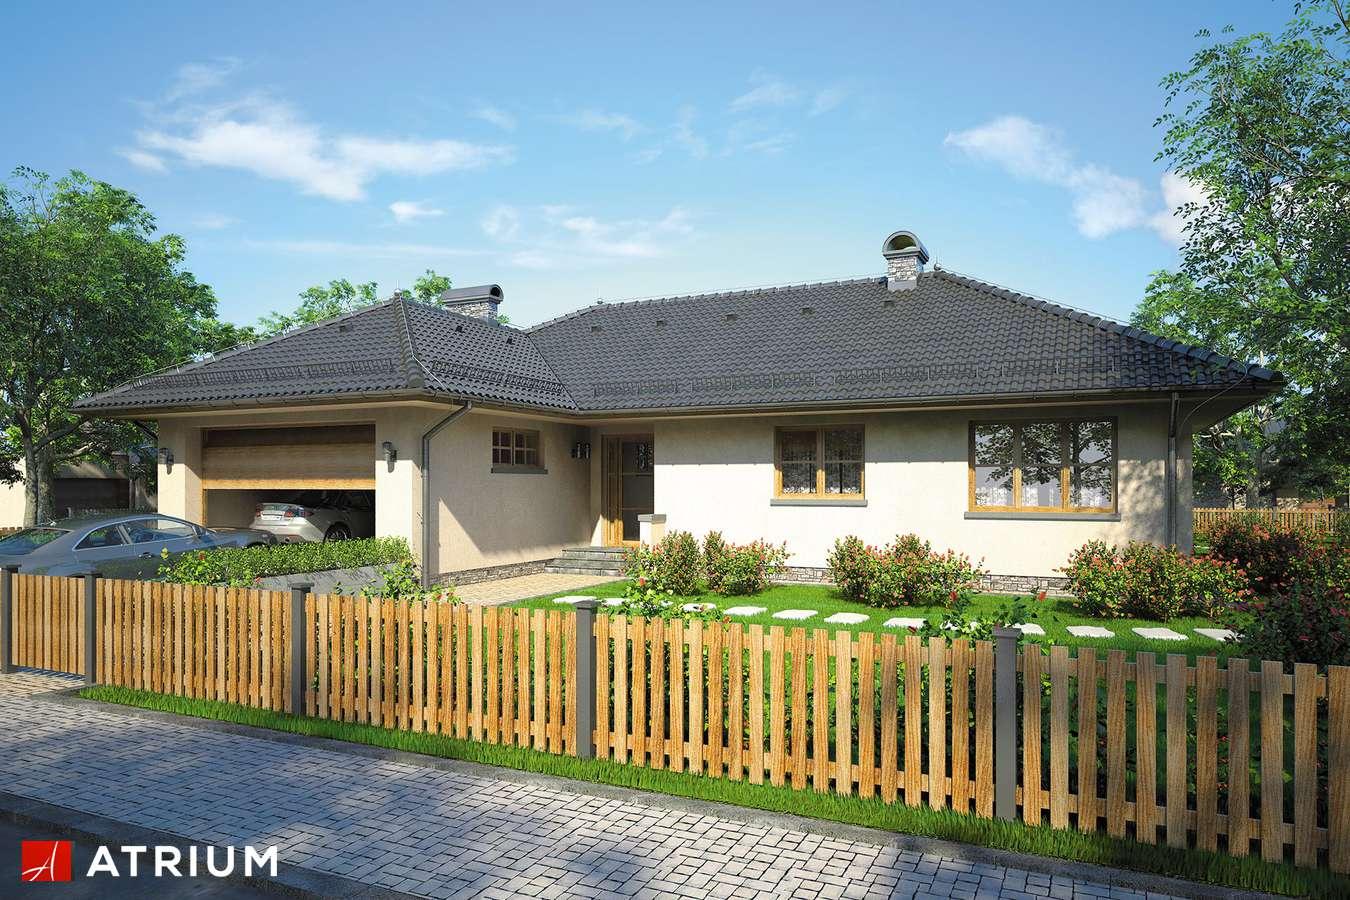 Projekty domów - Projekt domu parterowego DOM PRZY GOśCIńCU - wizualizacja 1